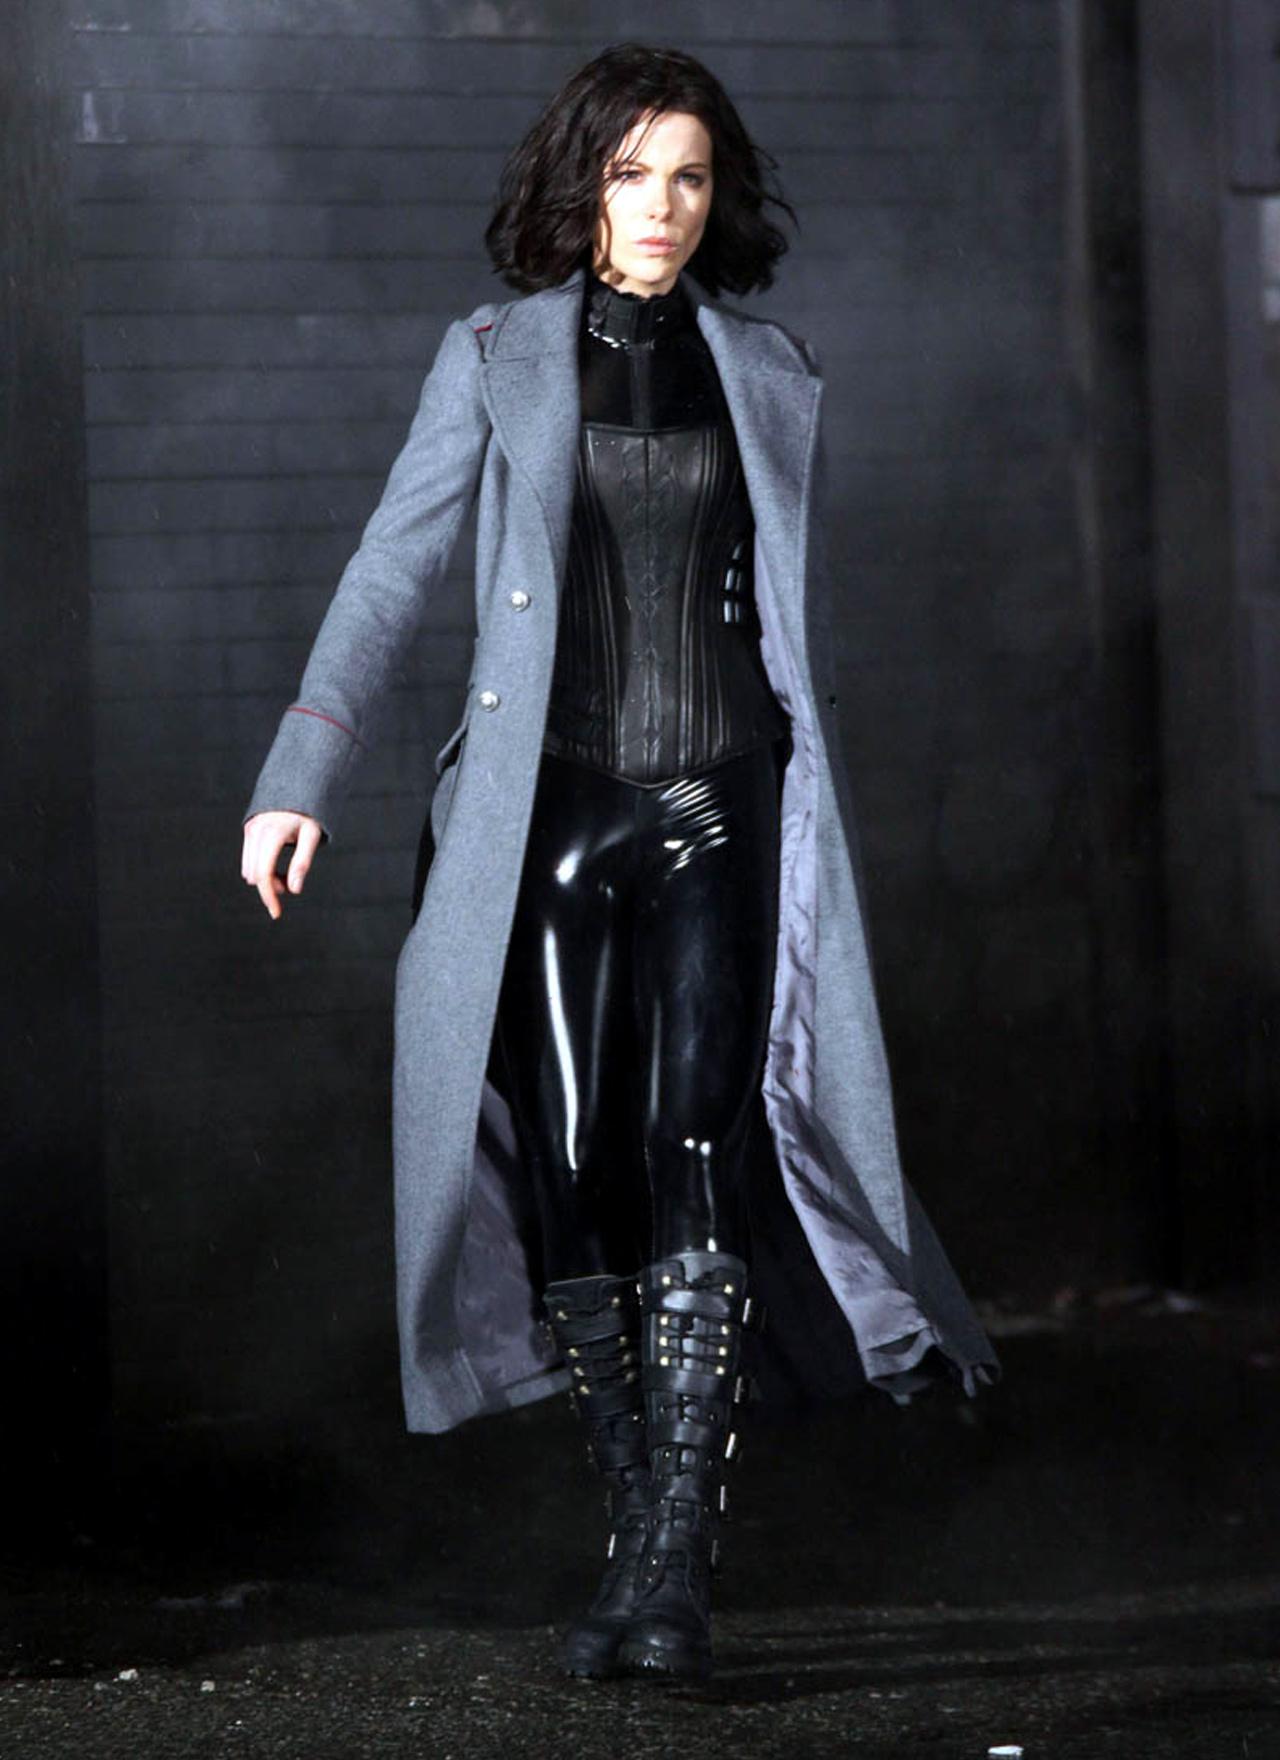 Kate-Beckinsale-in-Selene-Costume.jpg